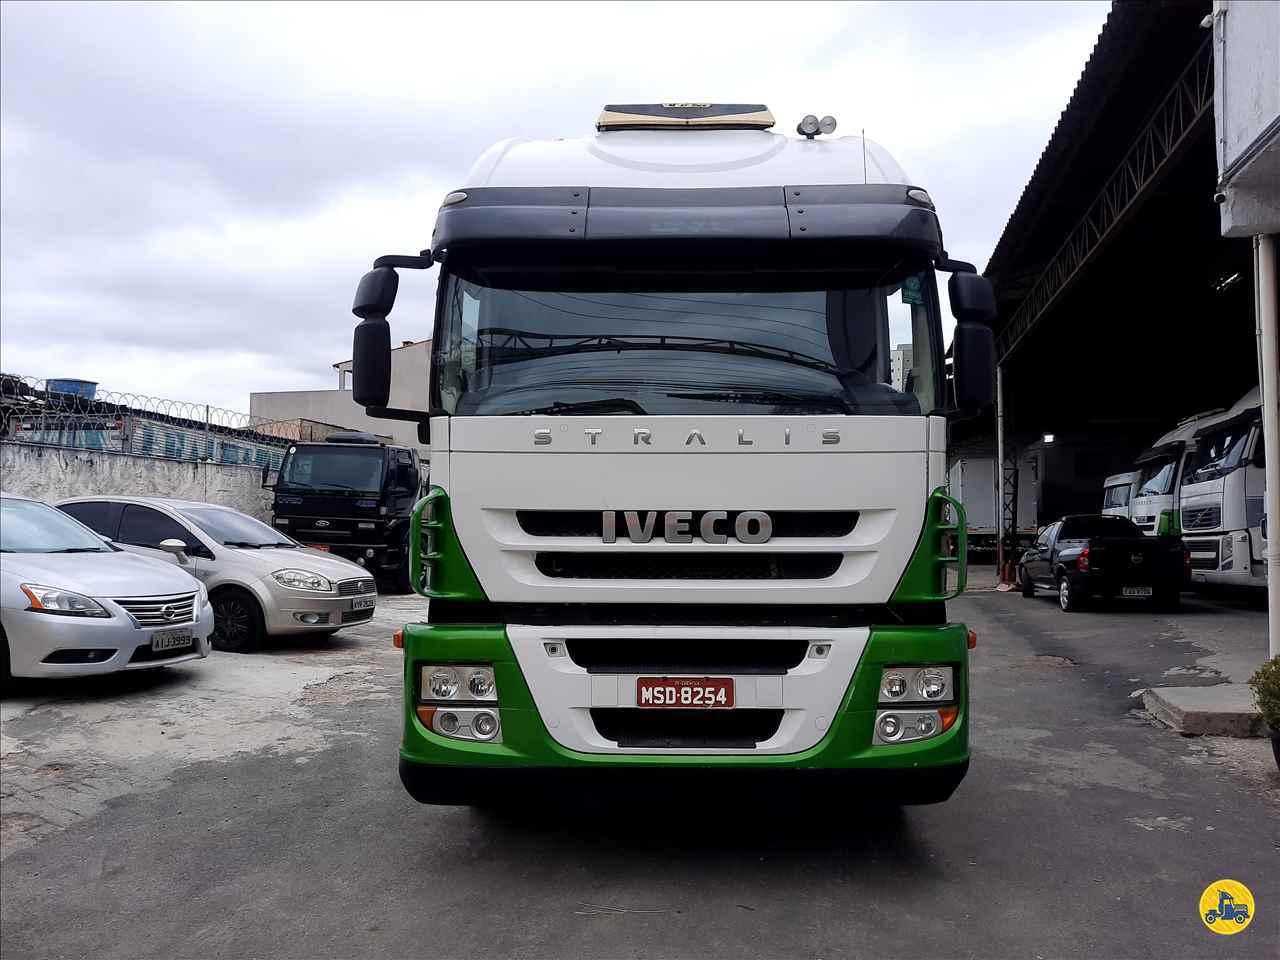 CAMINHAO IVECO STRALIS 380 Cavalo Mecânico Truck 6x2 Cangueiro Caminhões SAO PAULO SÃO PAULO SP